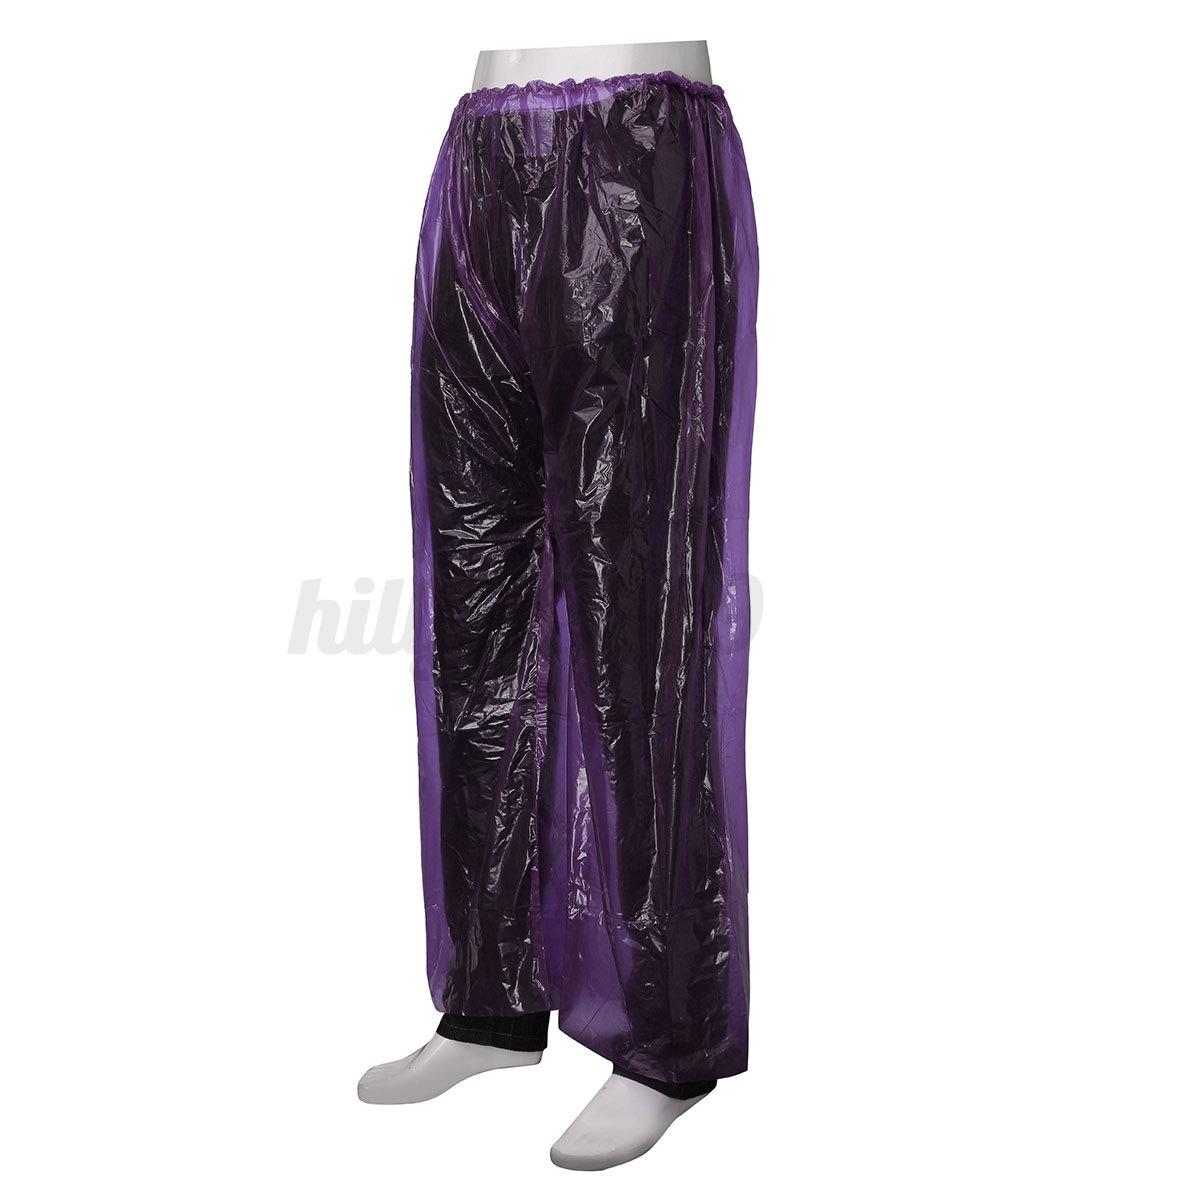 5PCS-Disposable-PVC-Trousers-Clear-Plastic-Pants-Waterproof-Festivals-Concert